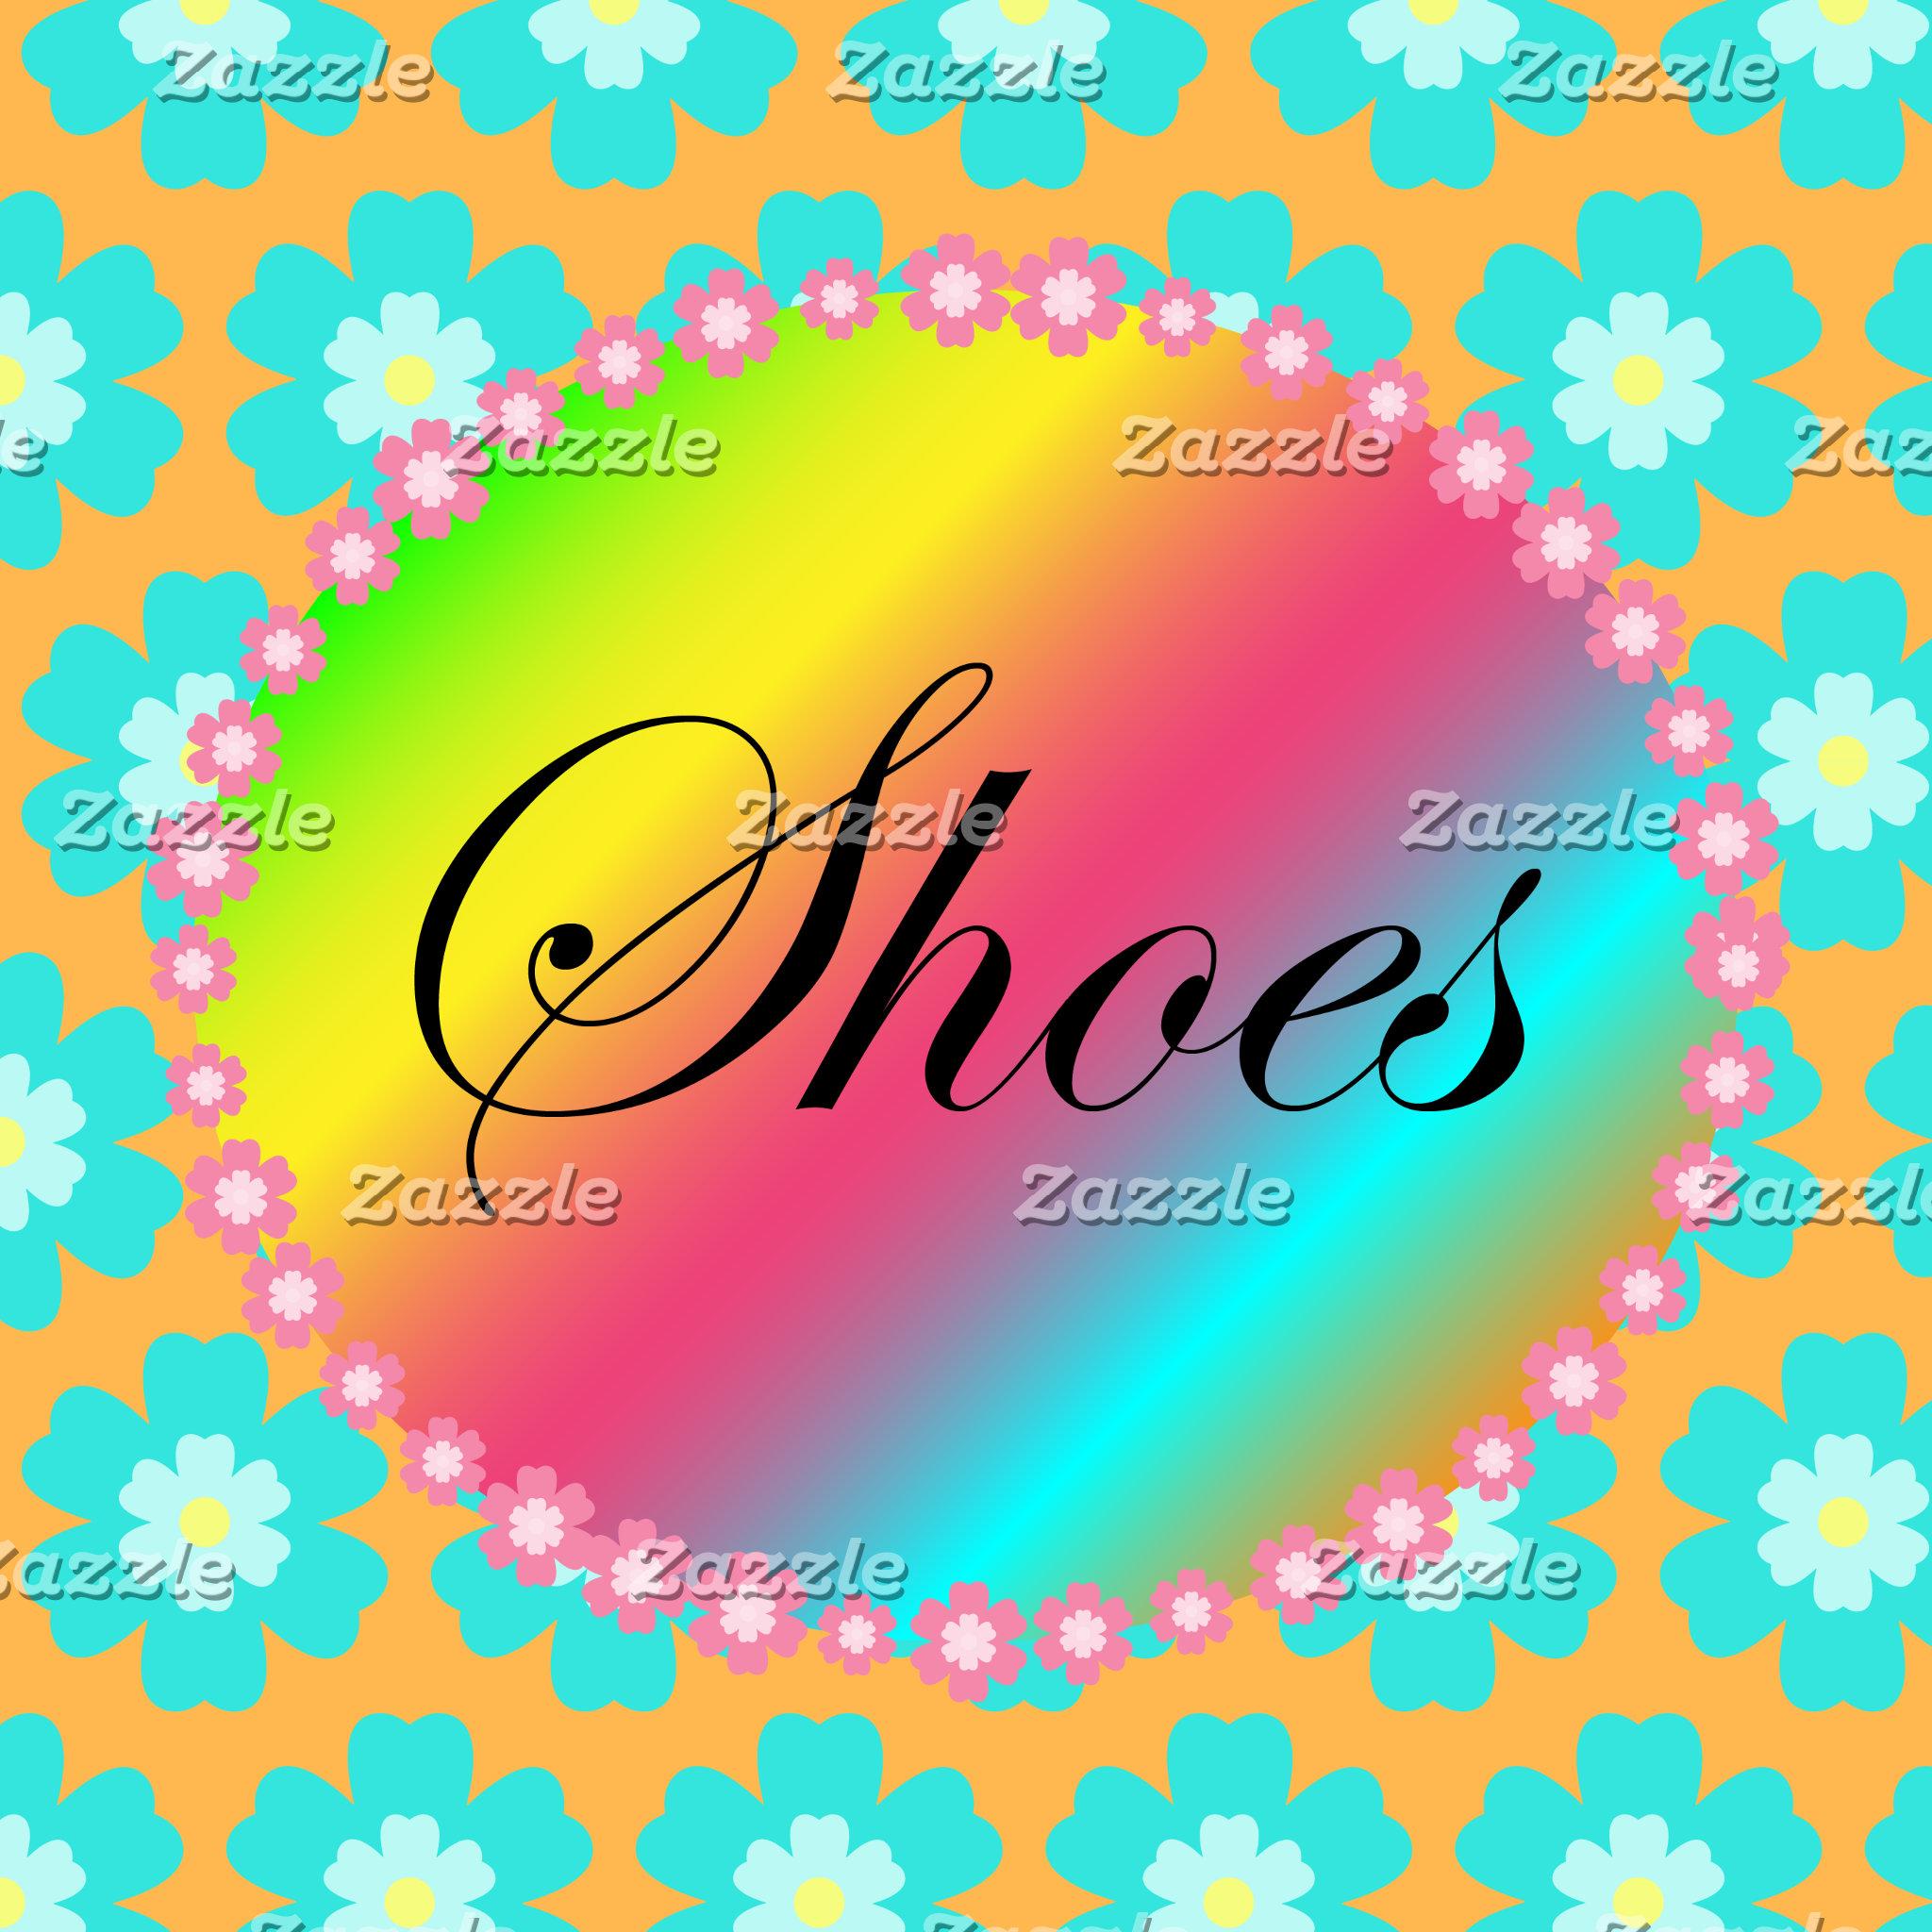 13. Shoes